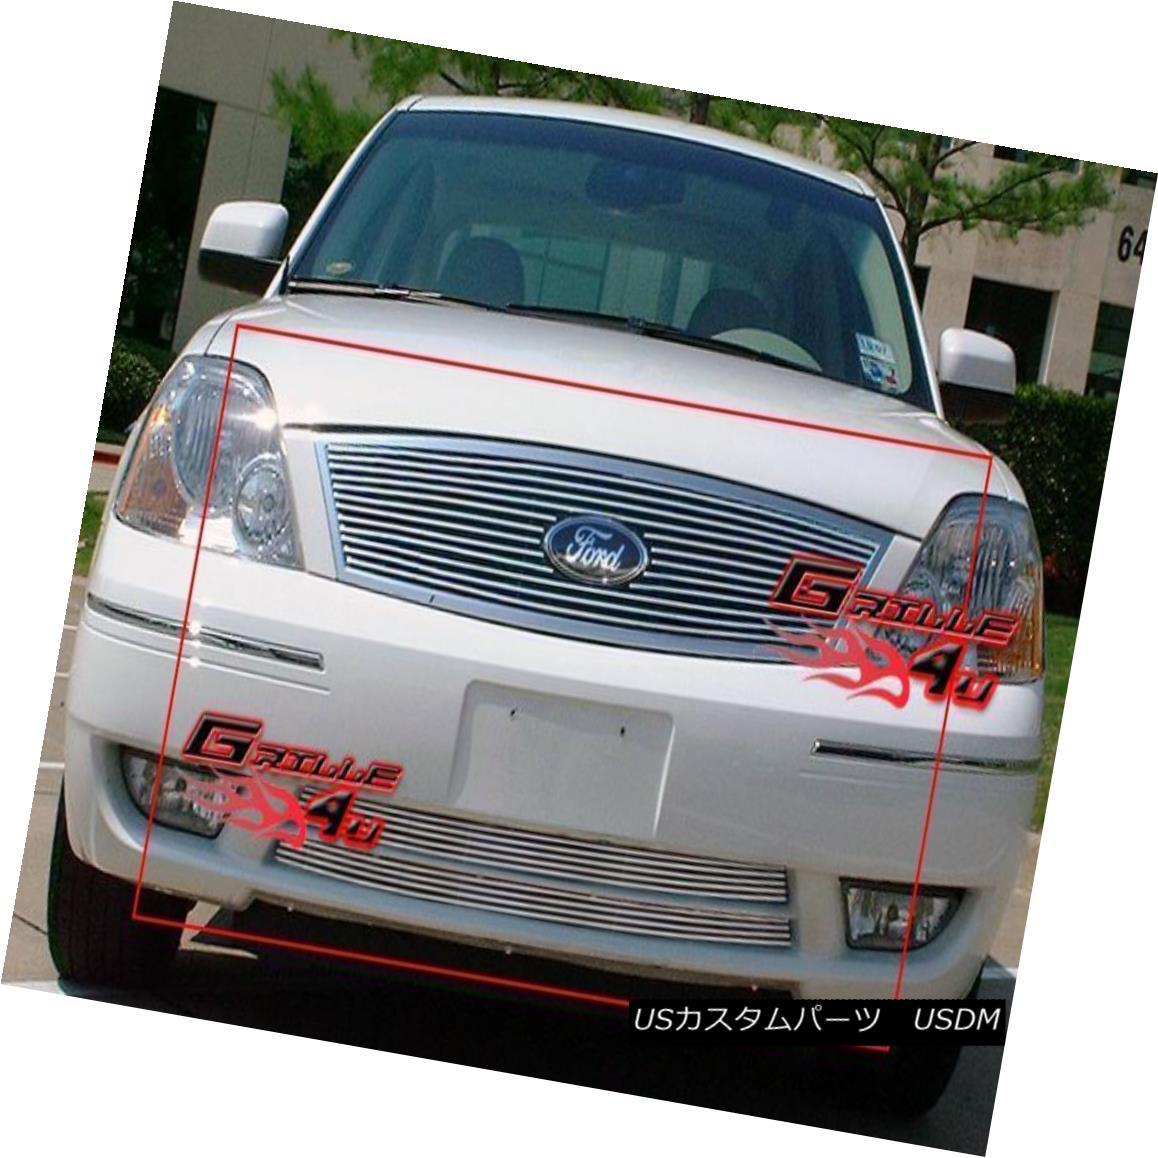 グリル Fits 2005-2007 Ford Five Hundred 500 Billet Grille Combo 2005-2007 Ford Five Hundred 500 Billet Grille Comboに適合